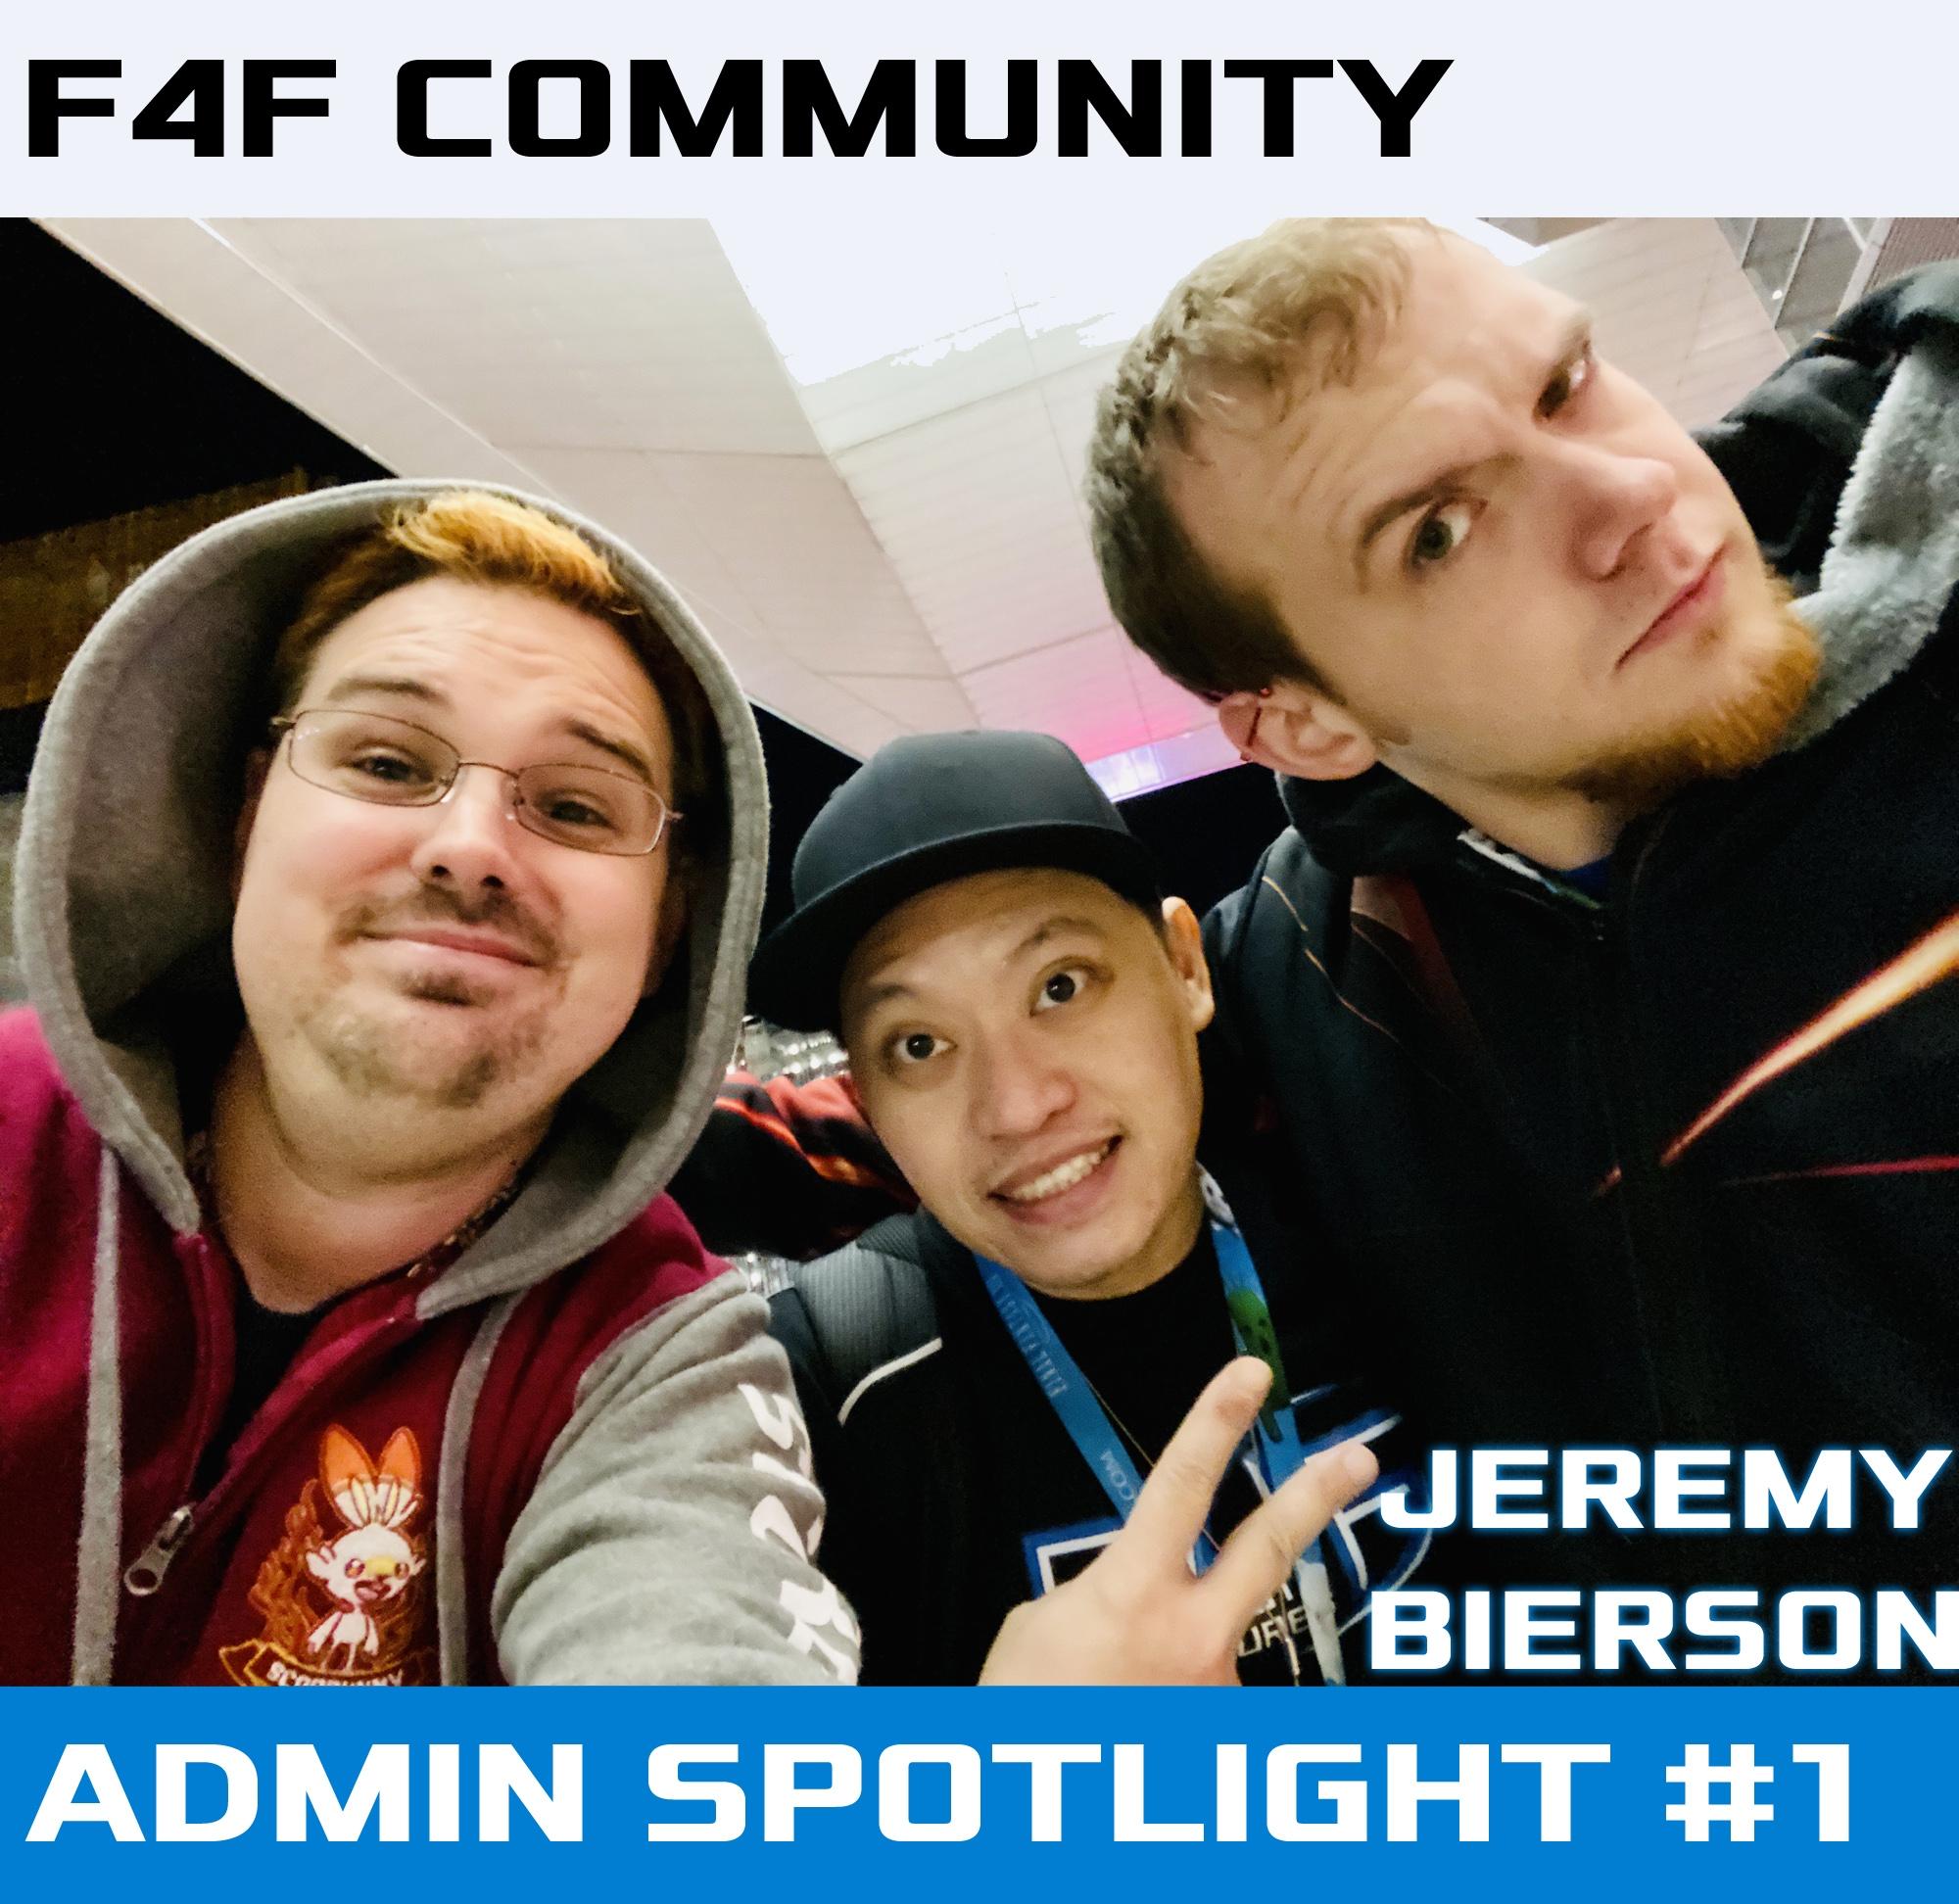 F4F Admin Spotlight #1: Jeremy Bierson